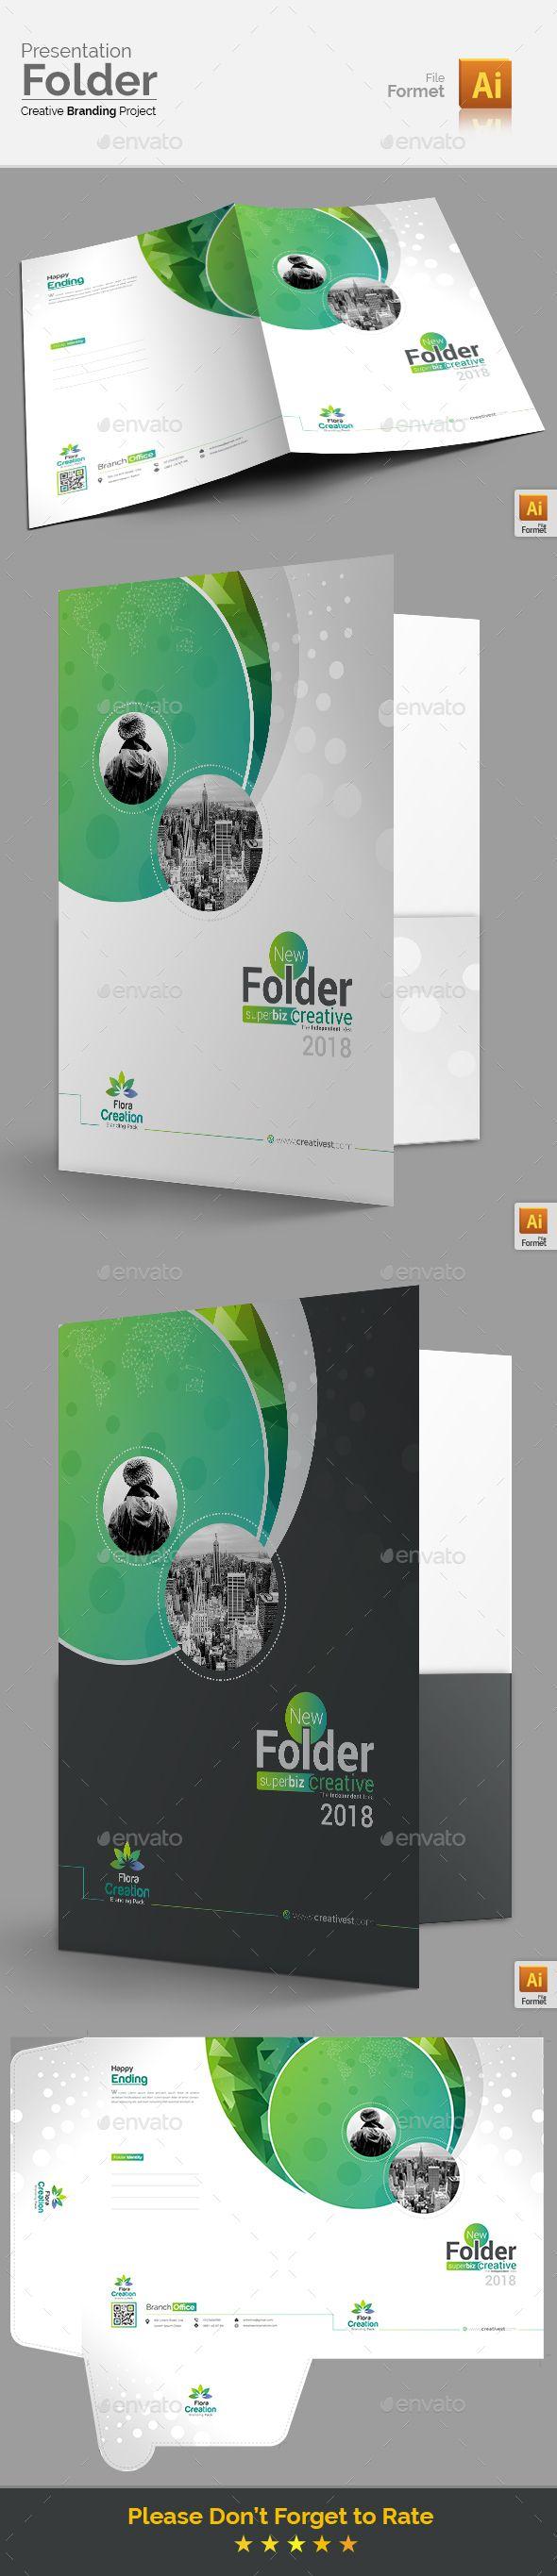 Presentation Folder Template Vector EPS, InDesign INDD, AI ...